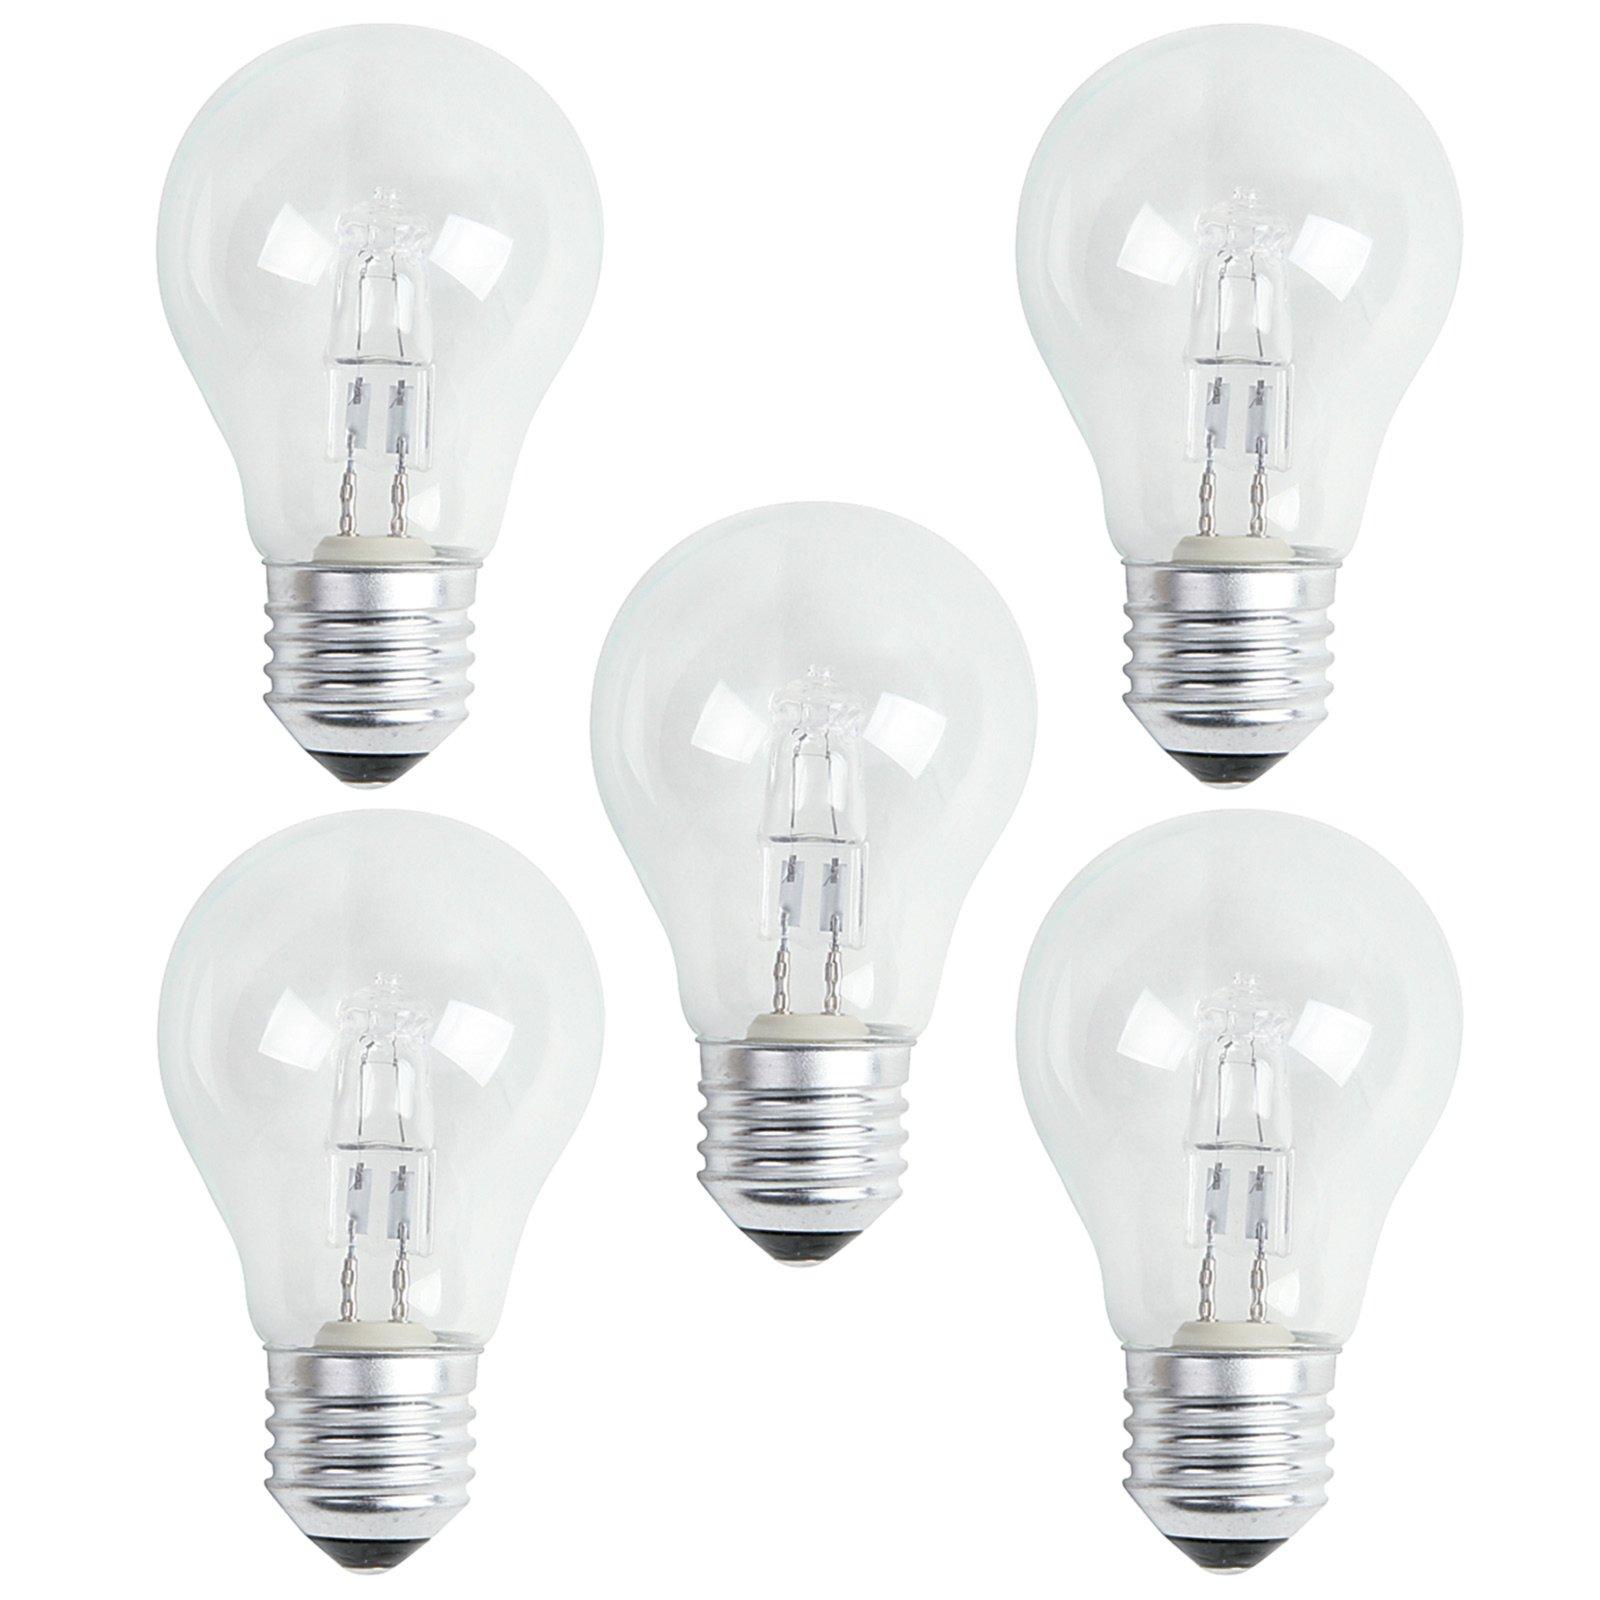 5er Pack Halogen-Leuchtmittel LIGHTME - Classic - E27 - 42 Watt